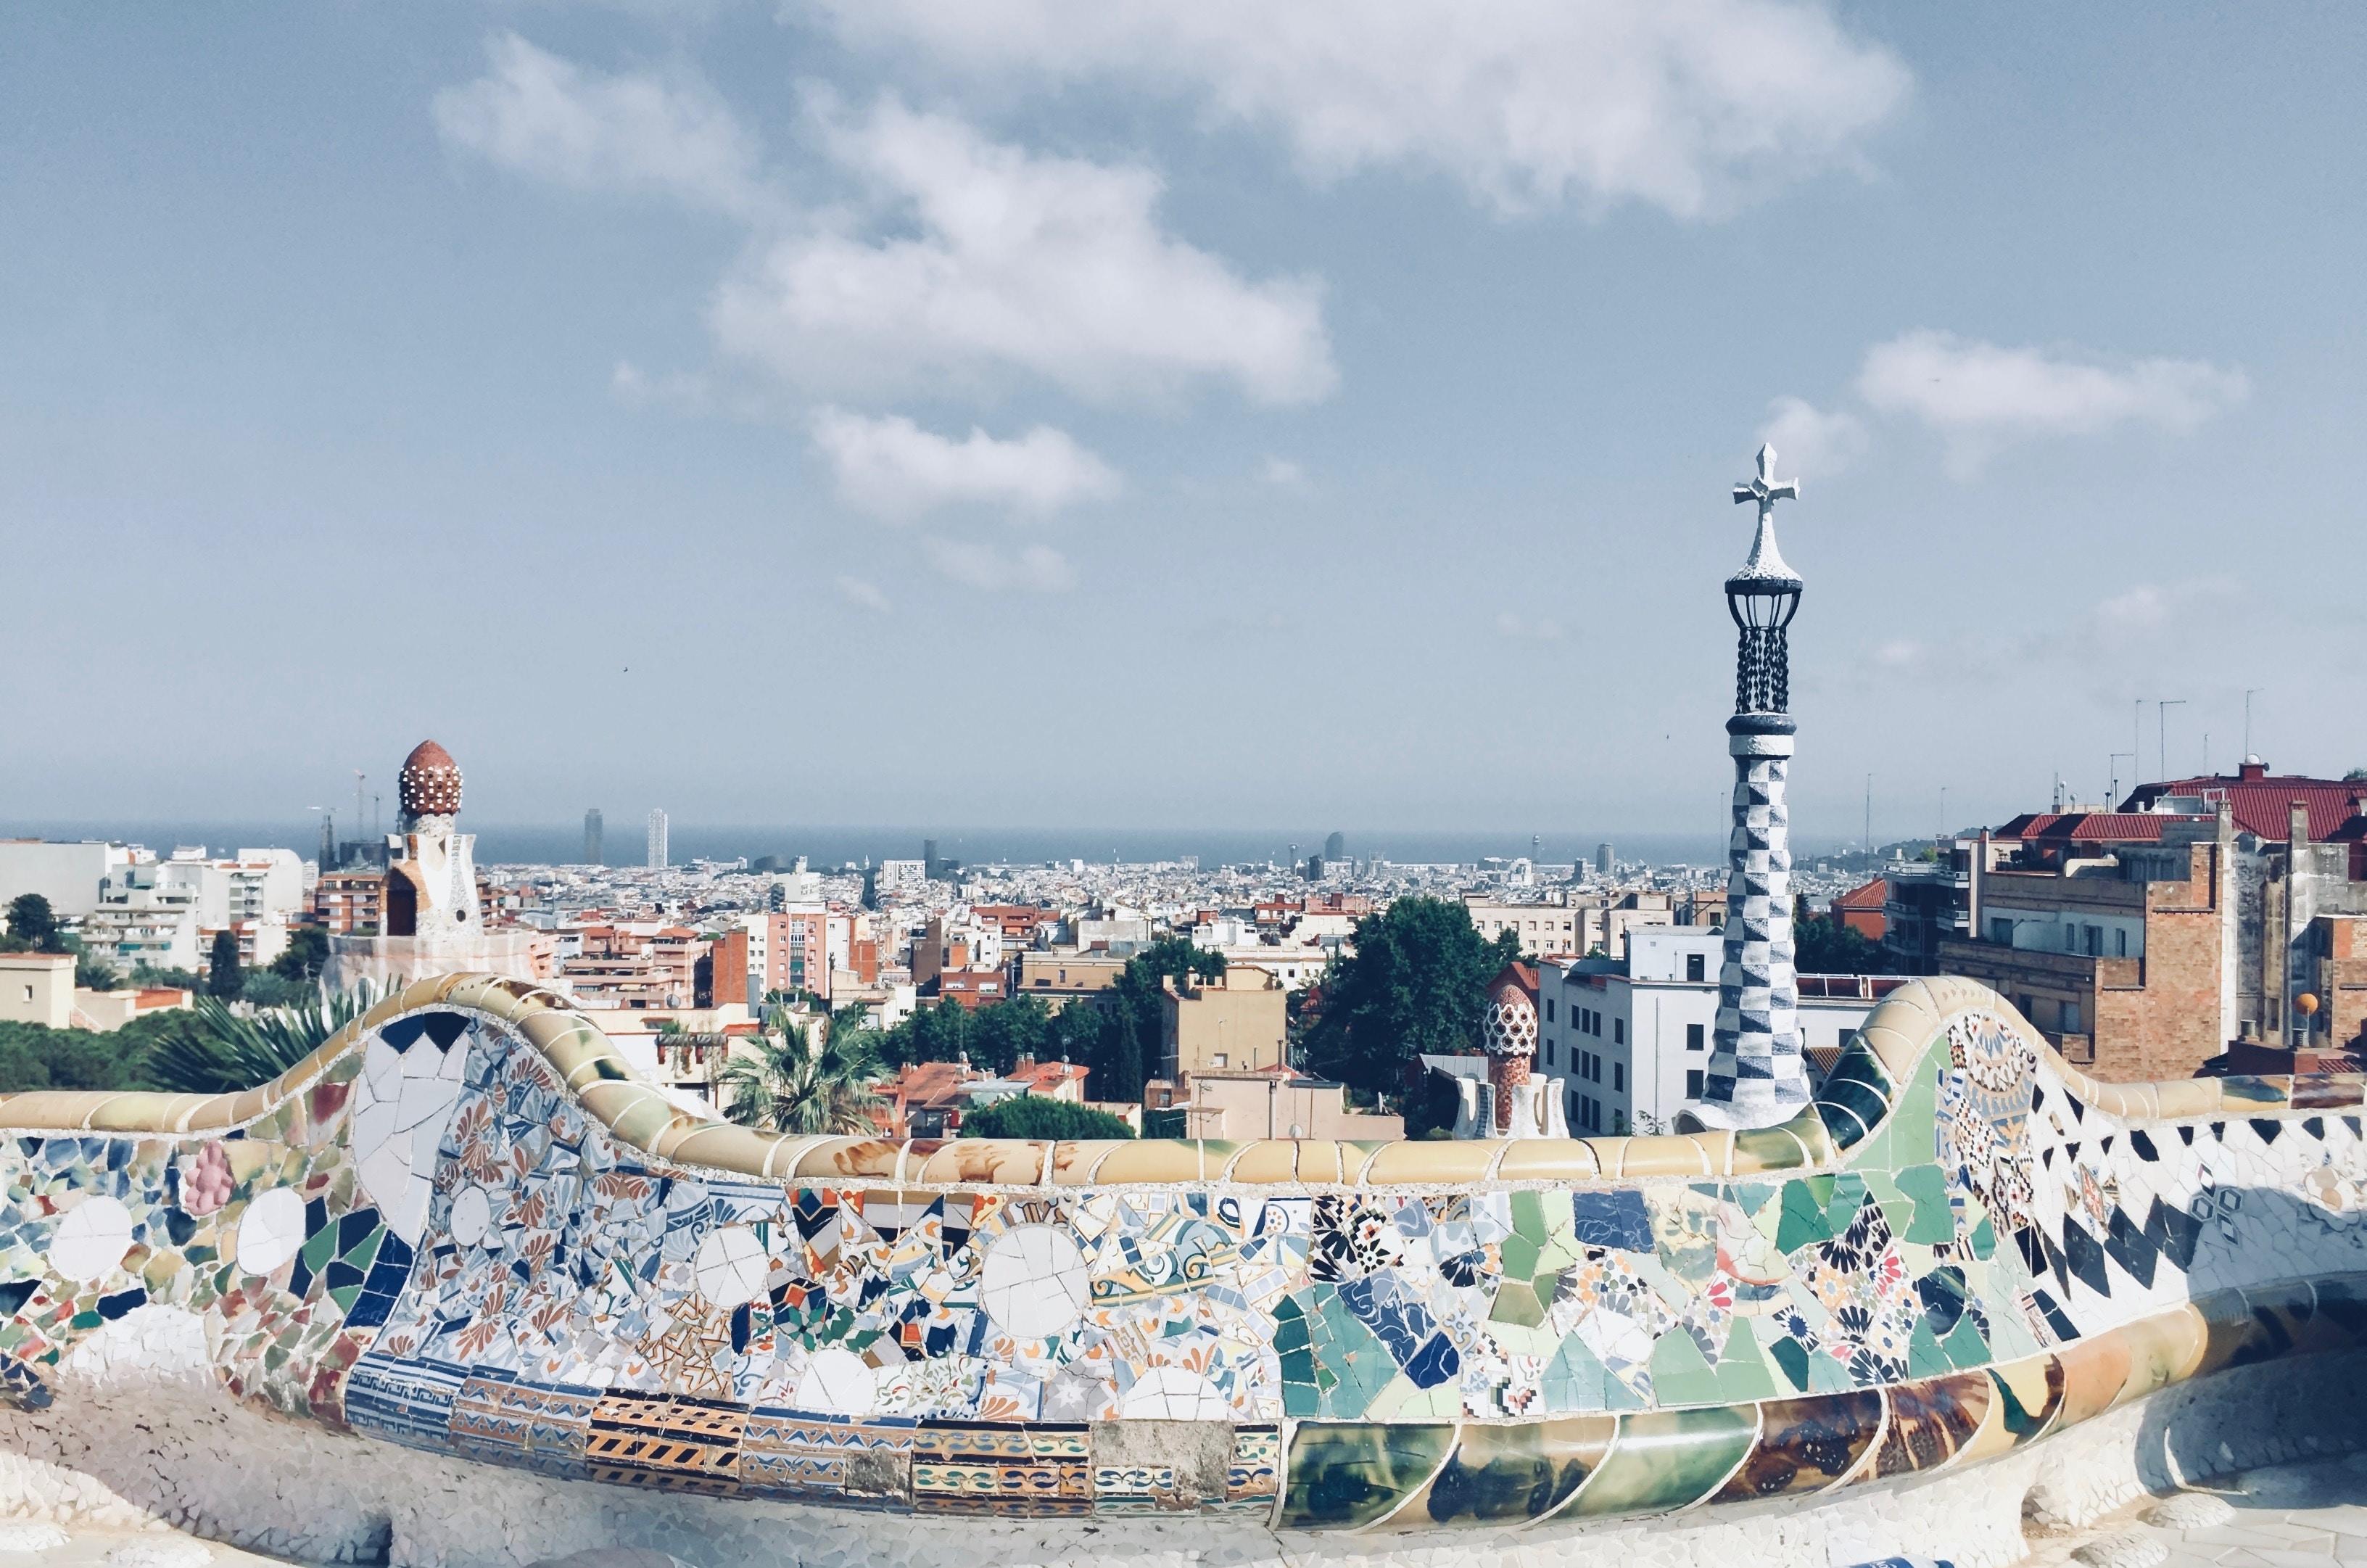 Visita il Parc Güell e tutto ciò che puoi scoprire in una vacanza a Barcellona